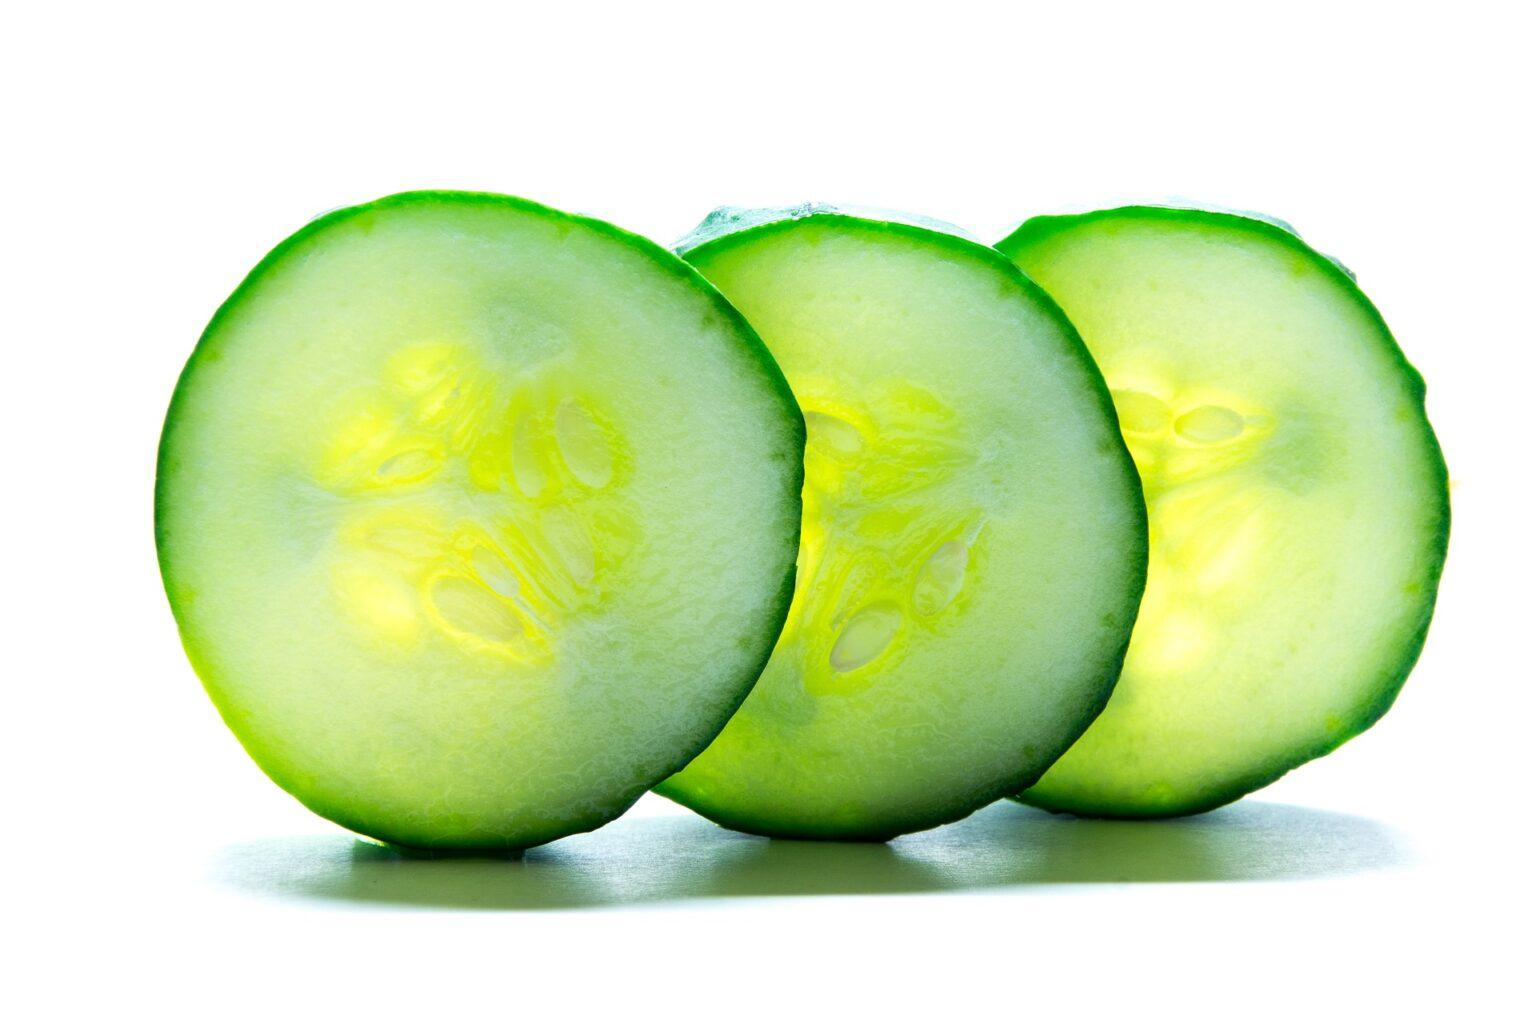 krastavac_povrće_zdravlje_vitamini_minerali